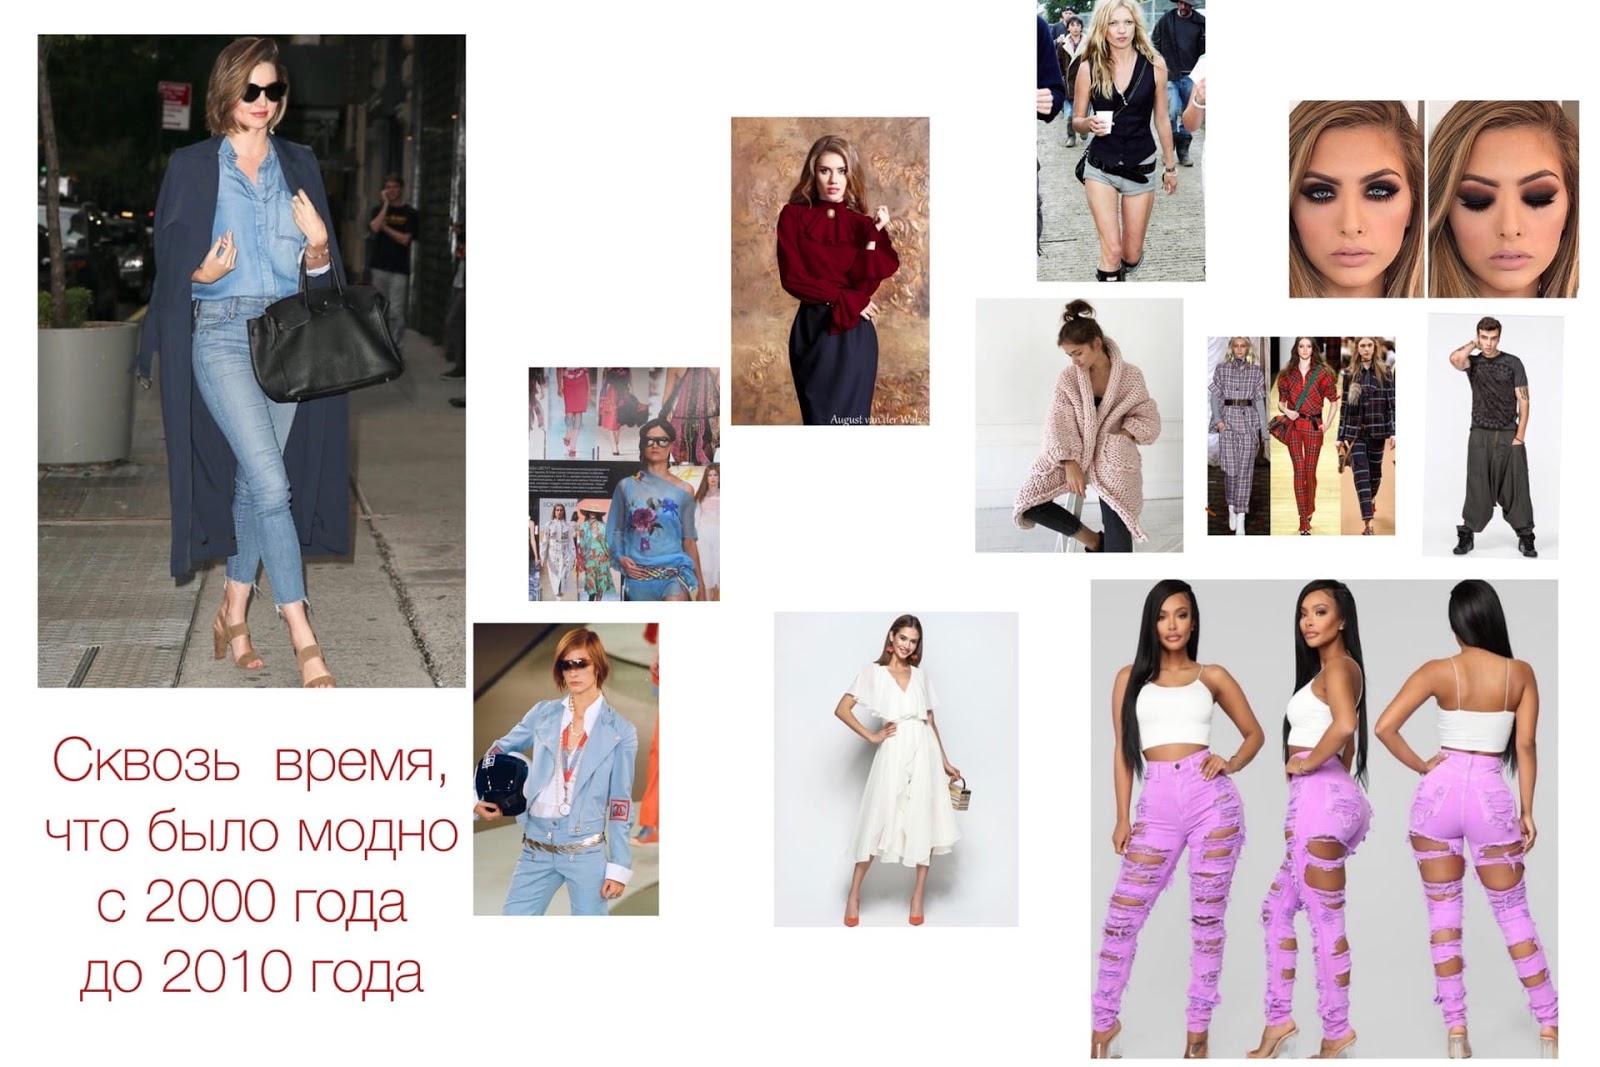 Сквозь время: что было модно с 2000 года до 2010 года